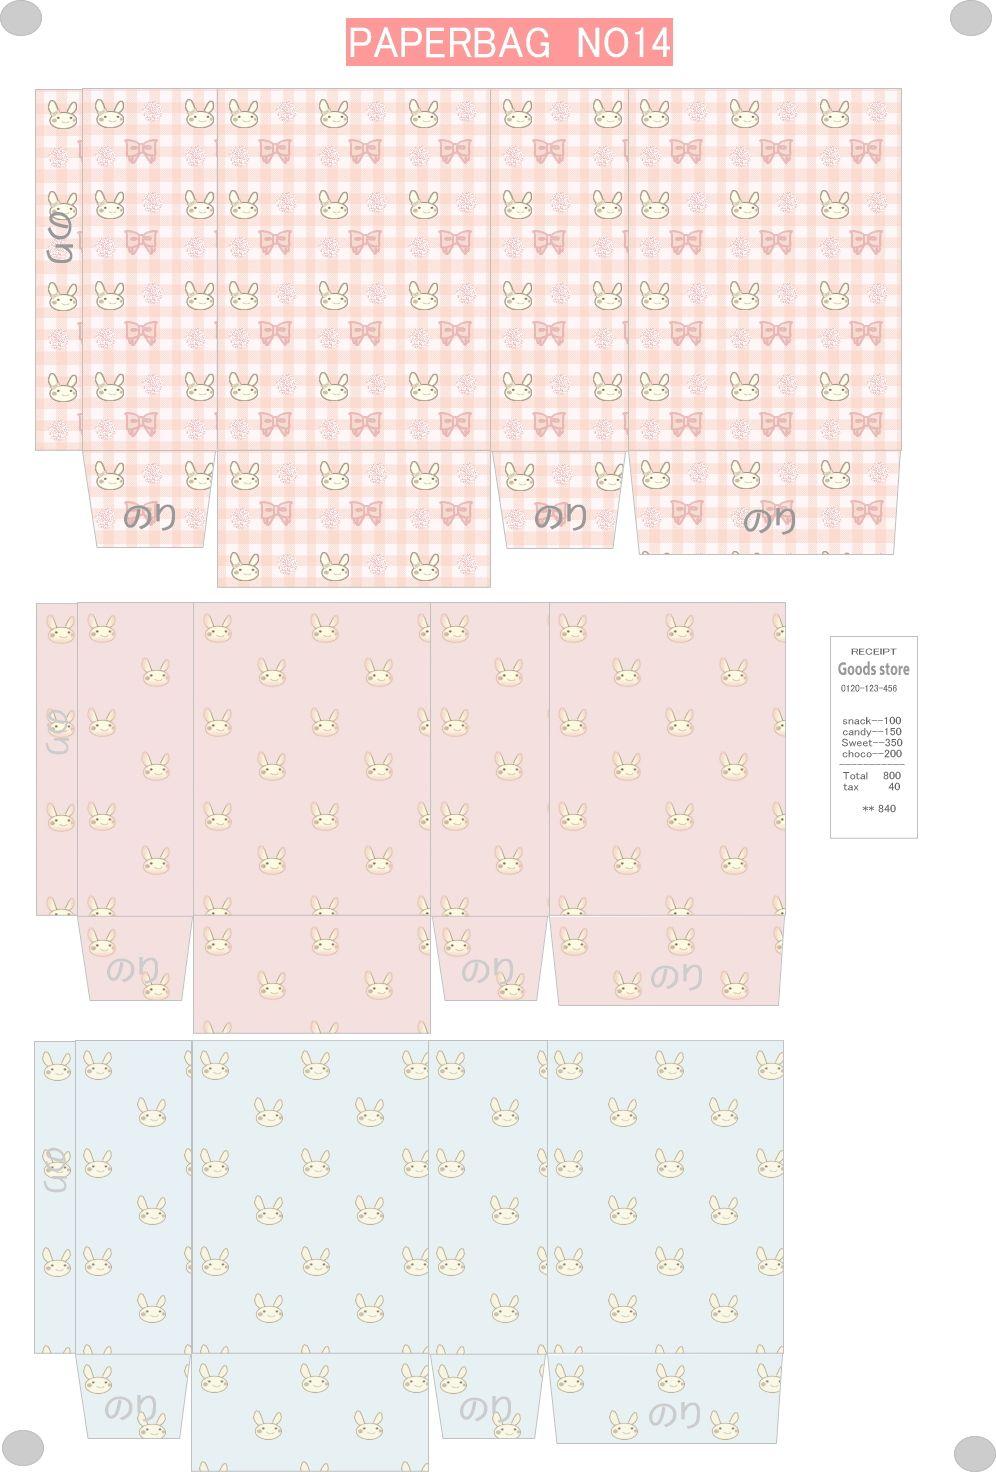 paperbag_n14.jpg (996×1472)